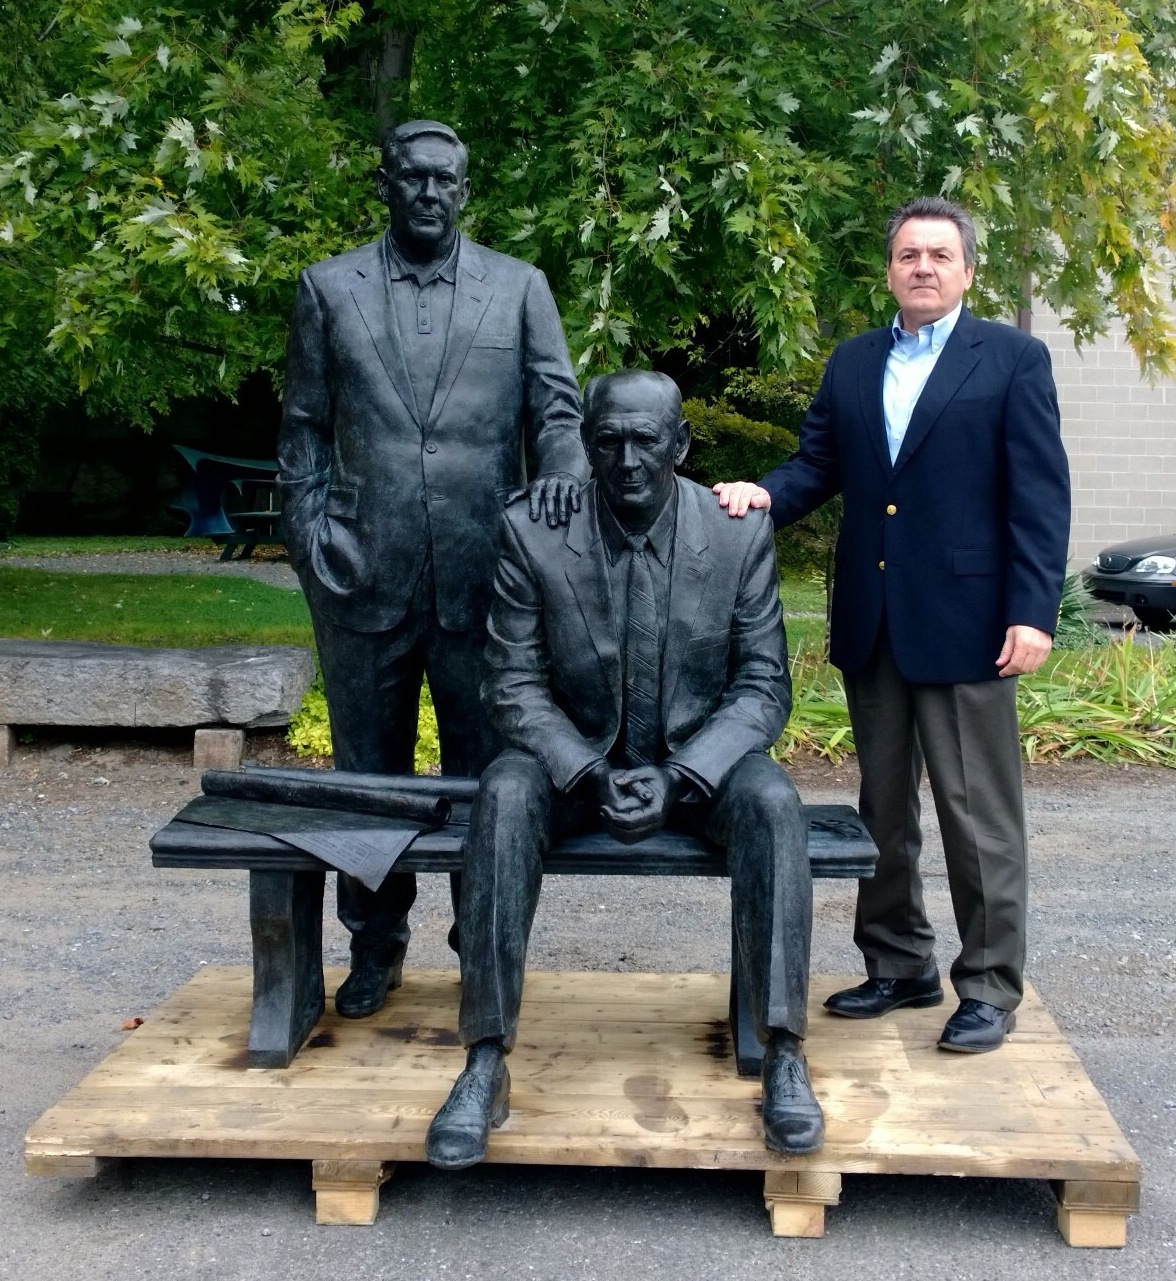 Private Commission, public sculpture